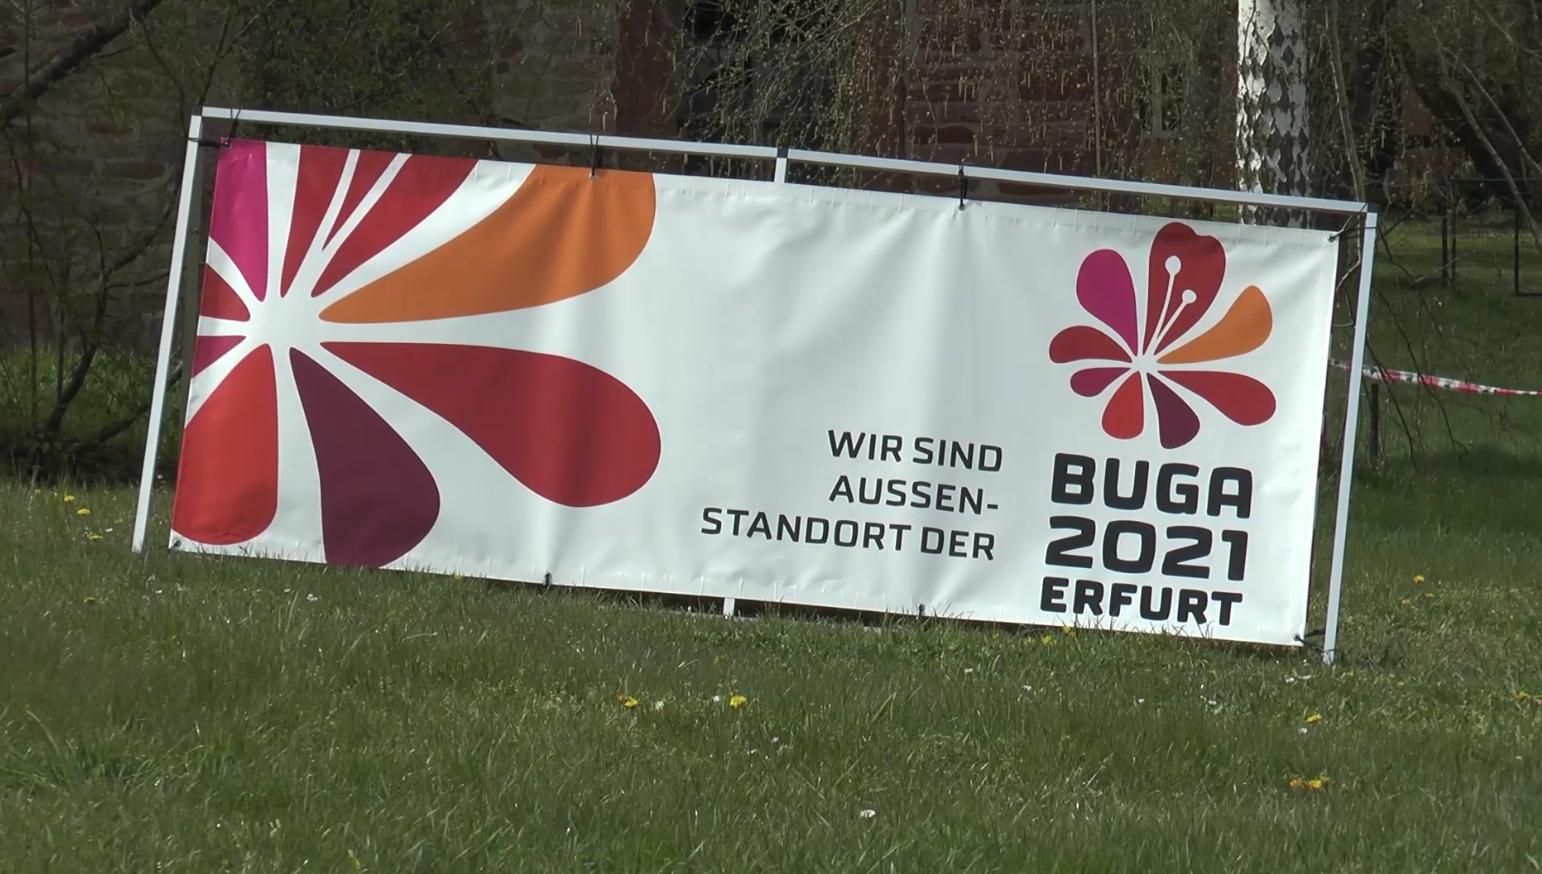 Eröffnung Buga 2021